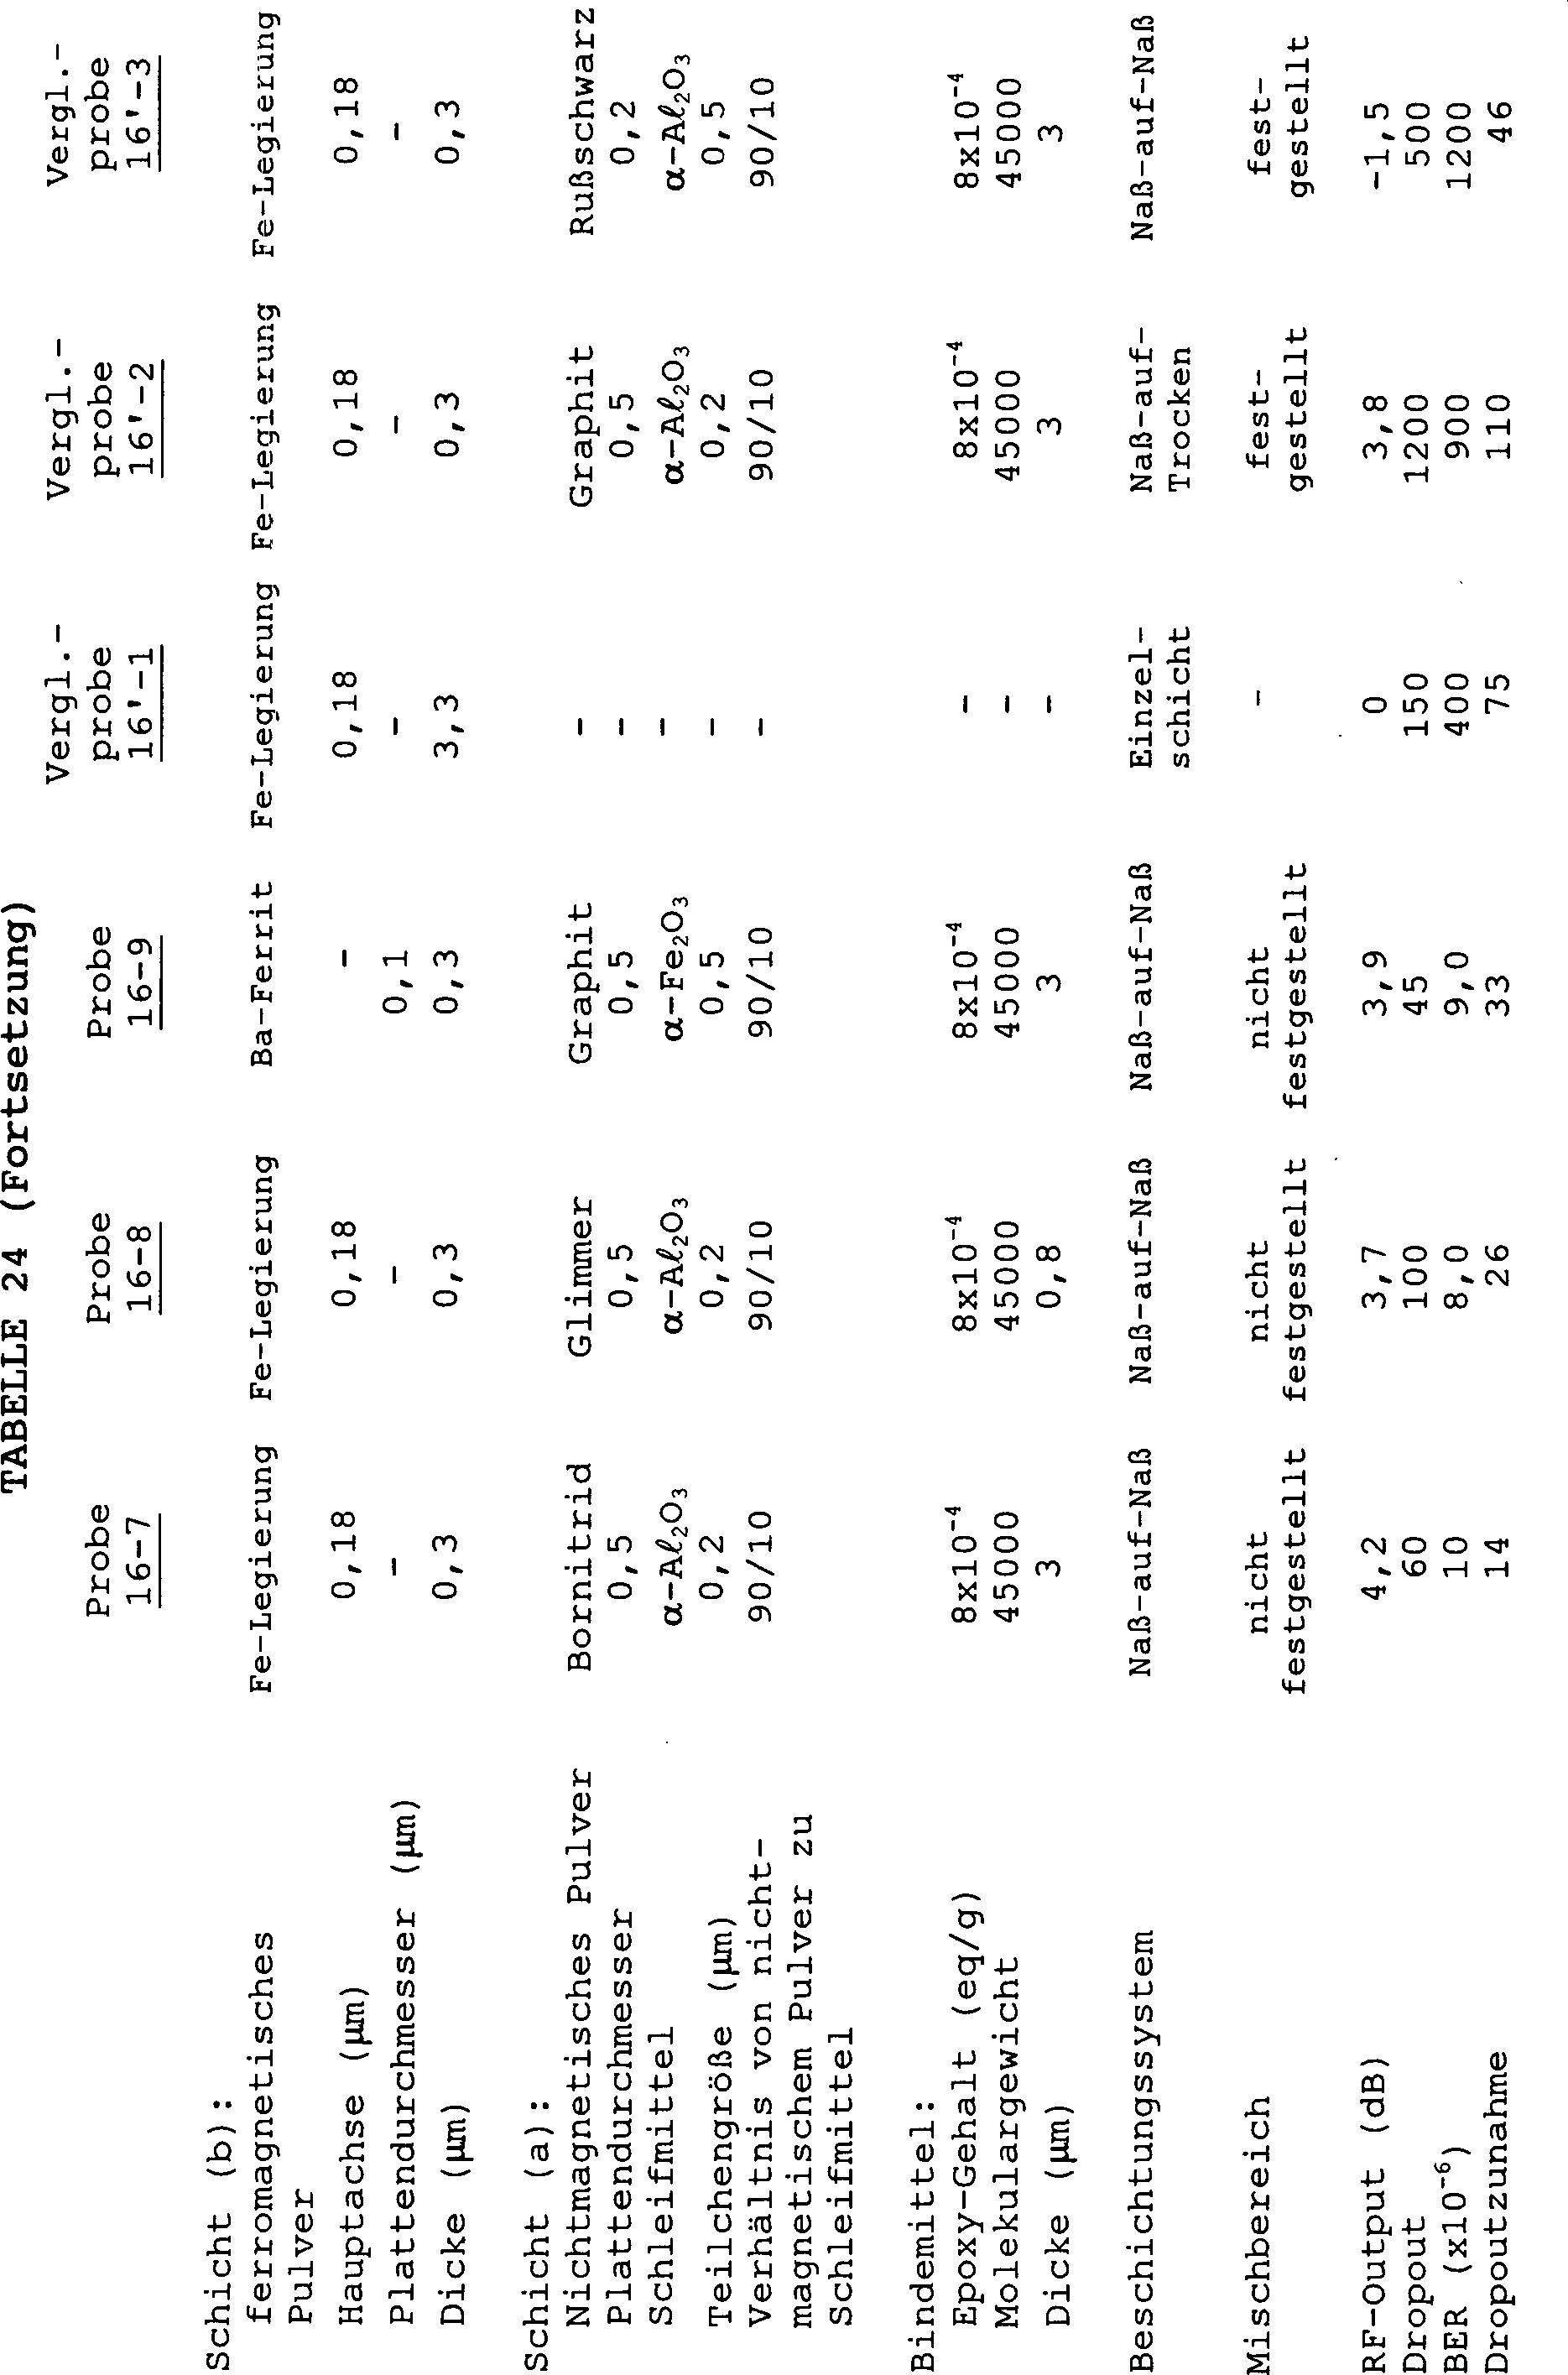 16de87285c1805 DE69213115T3 - Magnetic recording media - Google Patents